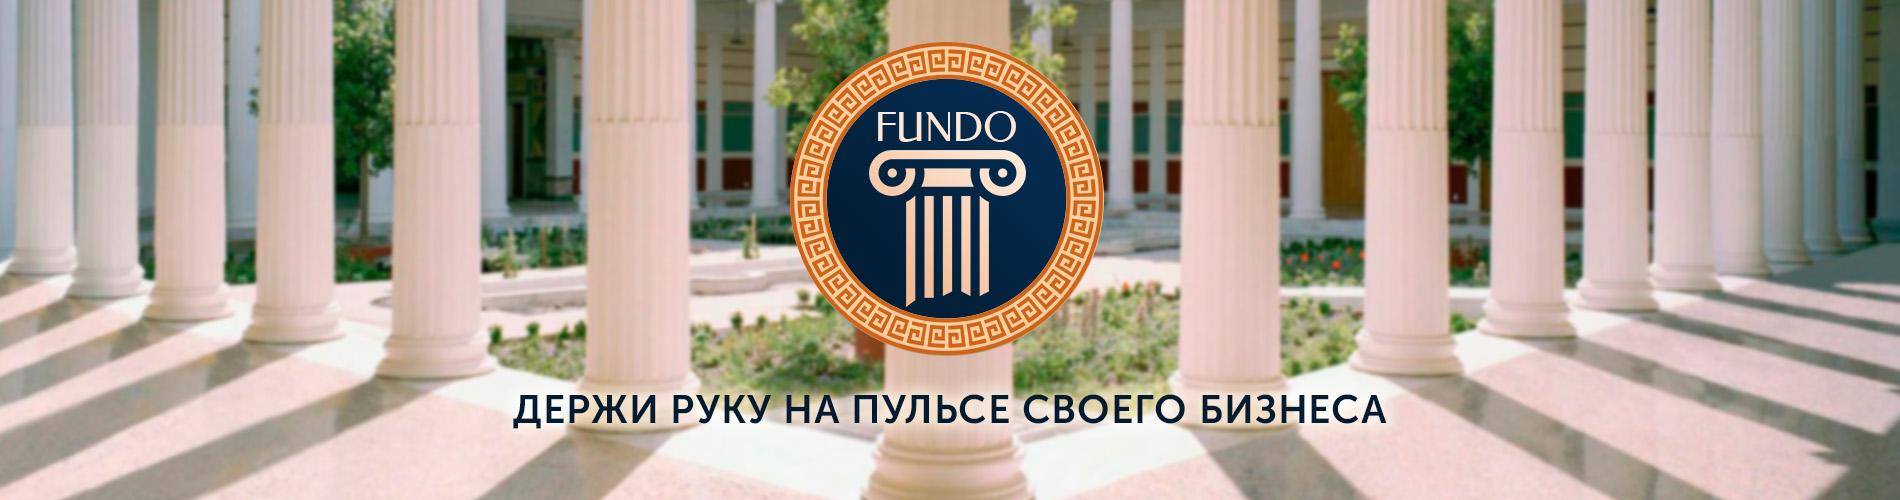 Fundo dashboard для 1С